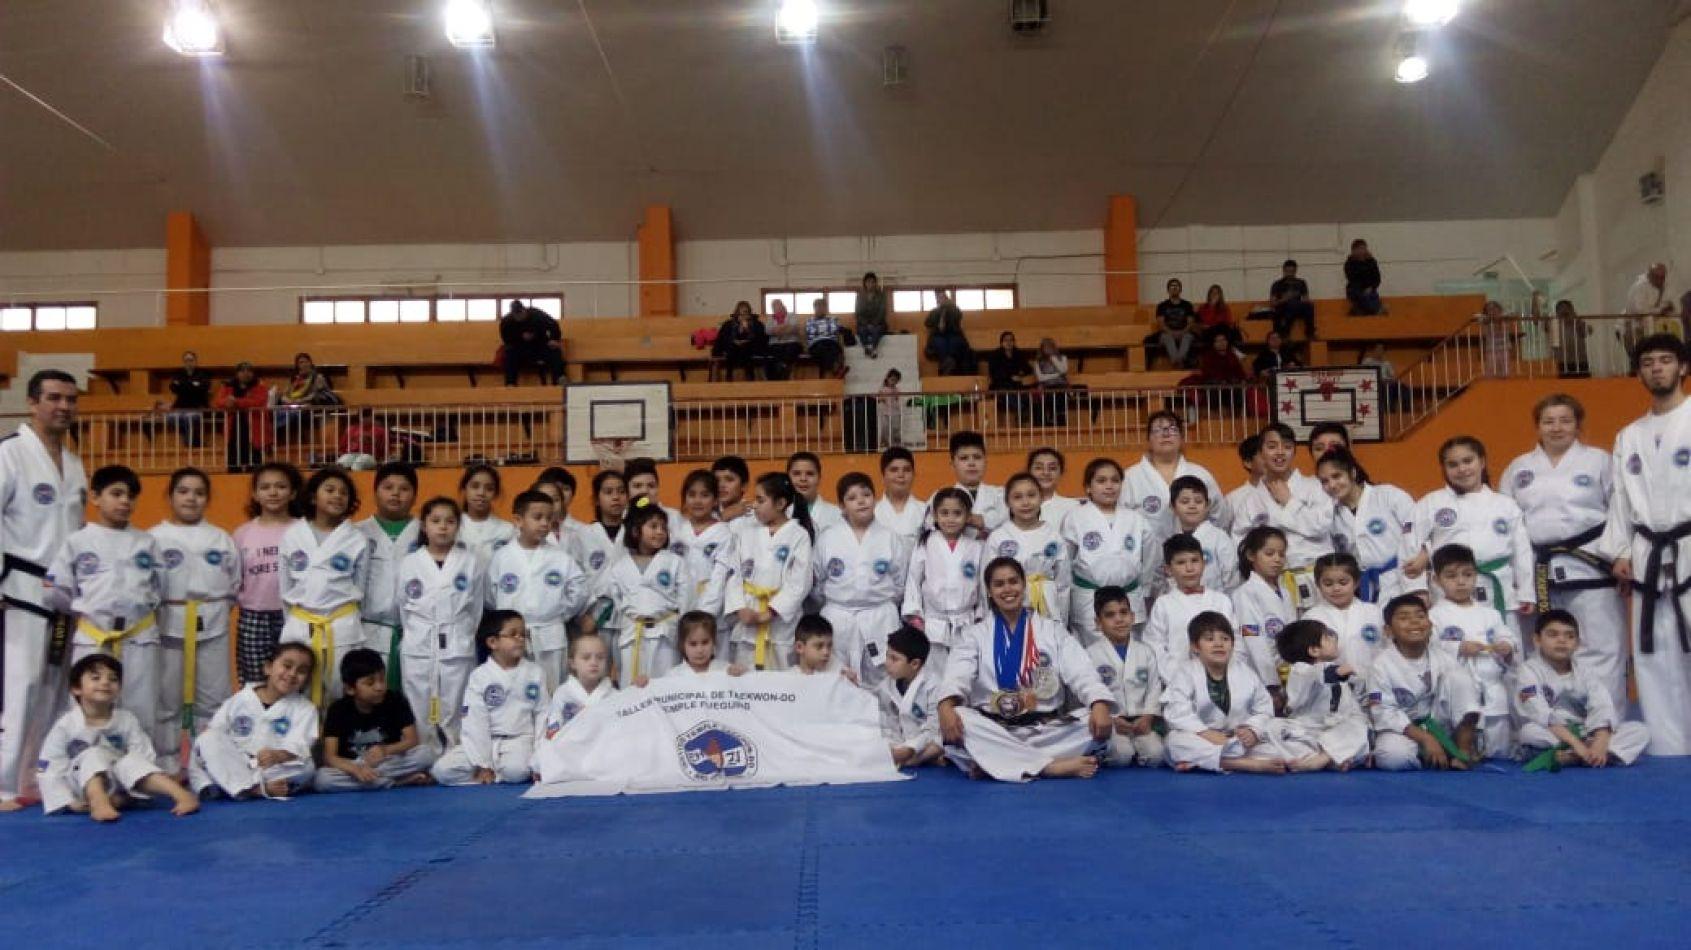 Taller de Taekwondo en Río Grande